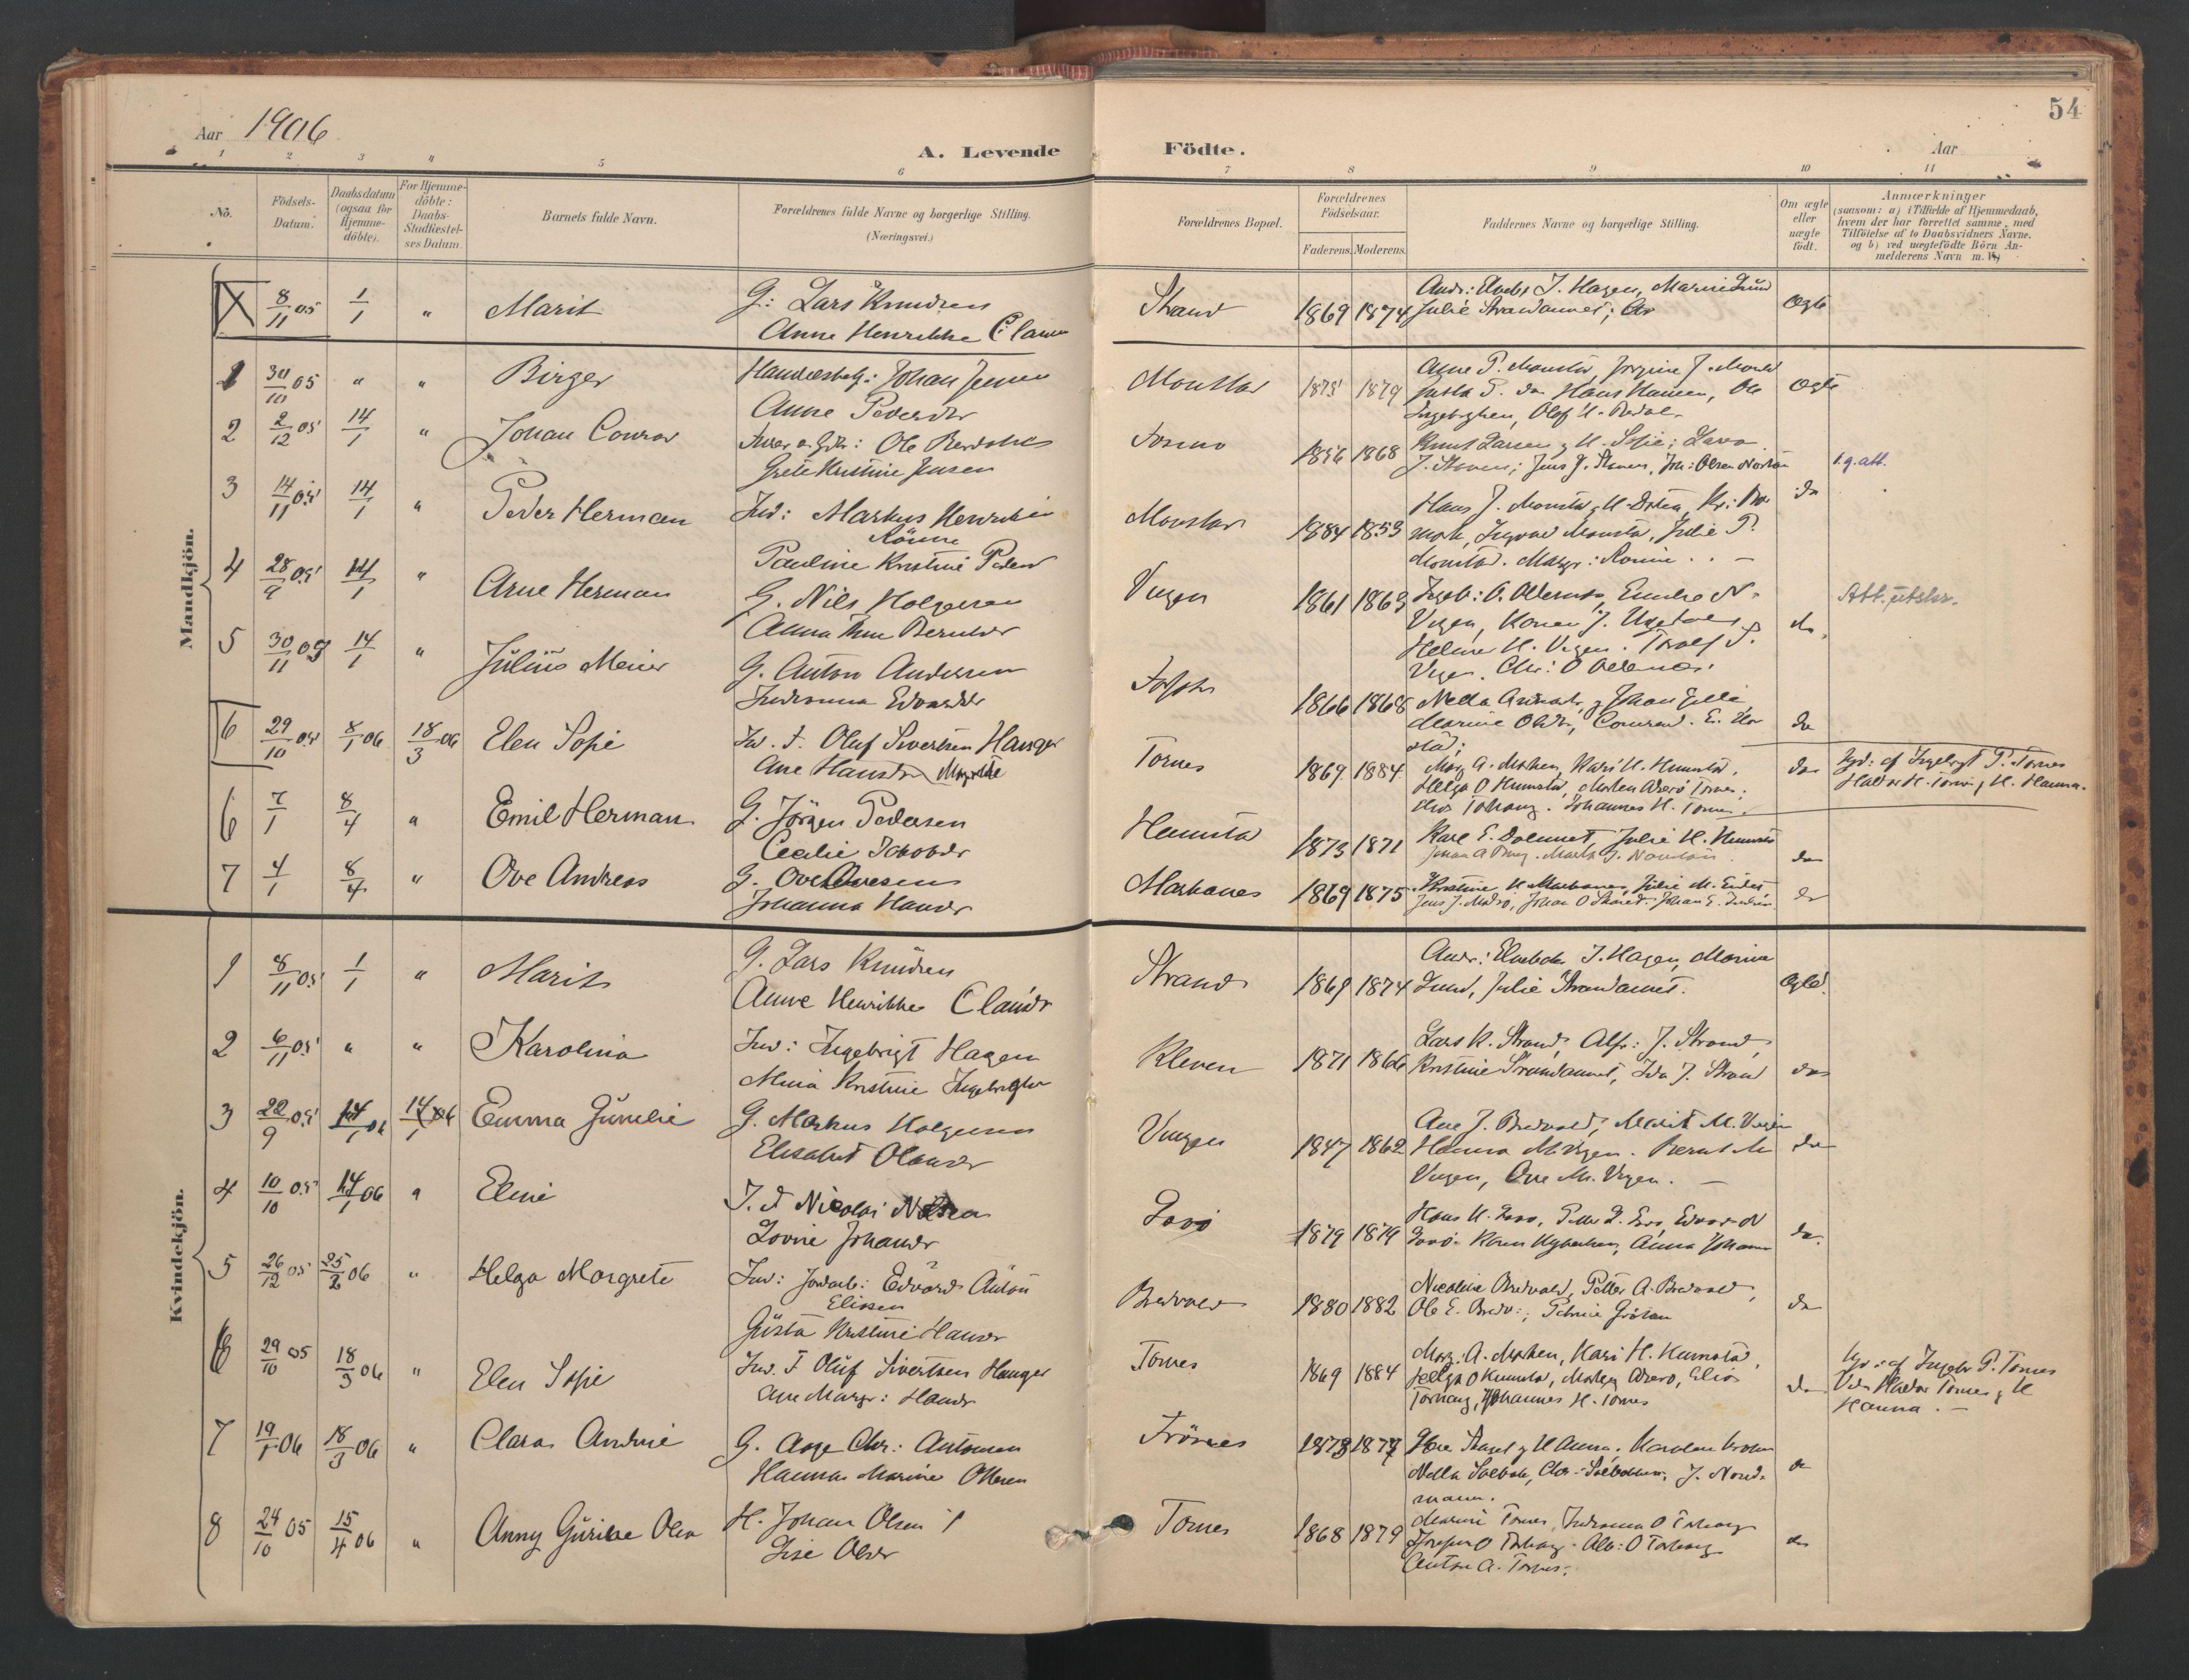 SAT, Ministerialprotokoller, klokkerbøker og fødselsregistre - Sør-Trøndelag, 655/L0681: Ministerialbok nr. 655A10, 1895-1907, s. 54